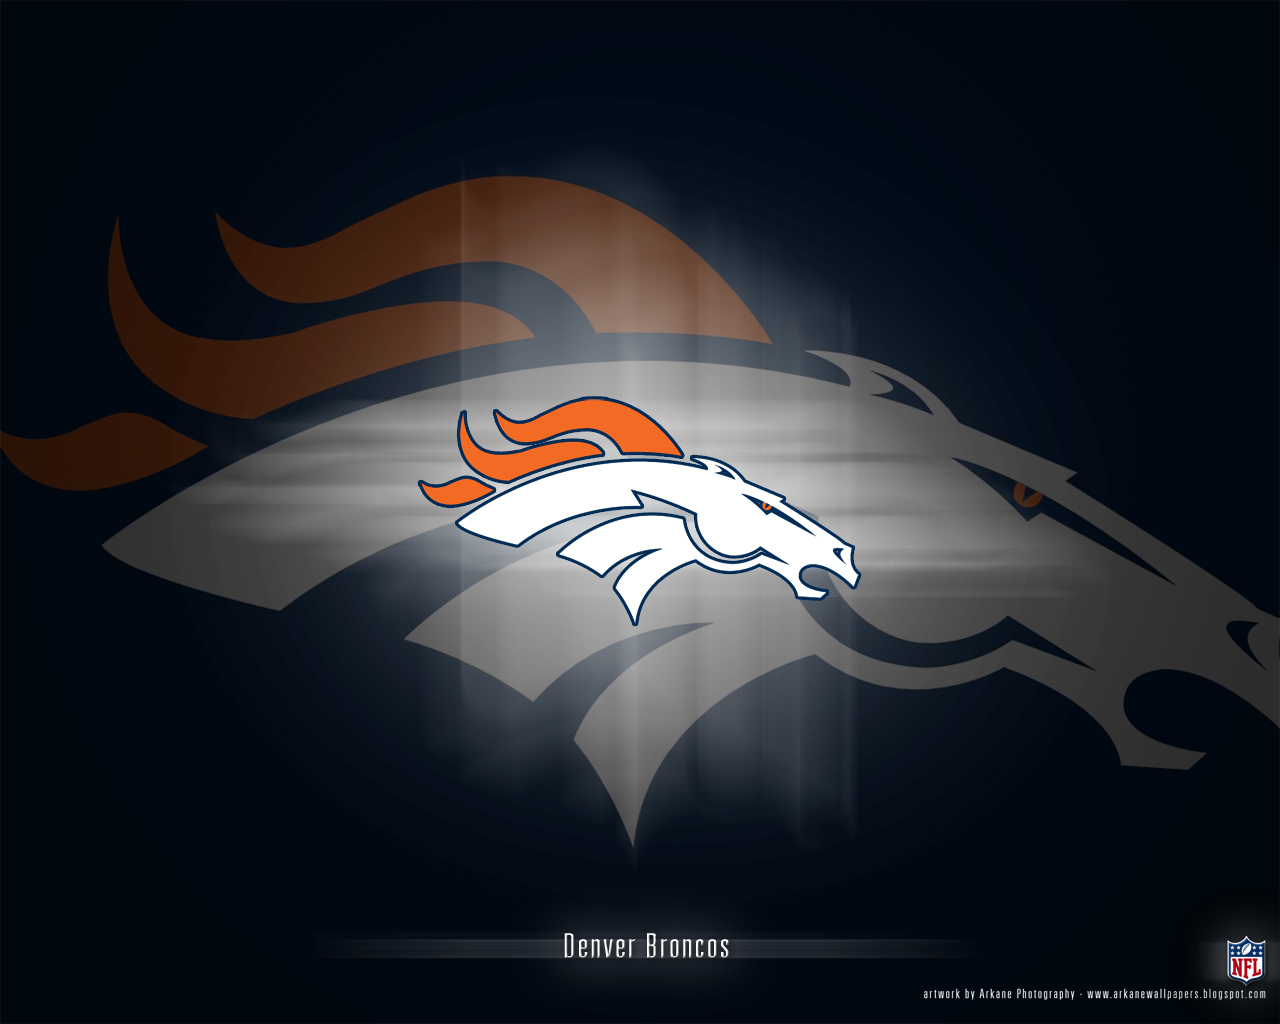 Arkane NFL Wallpapers: Denver Broncos